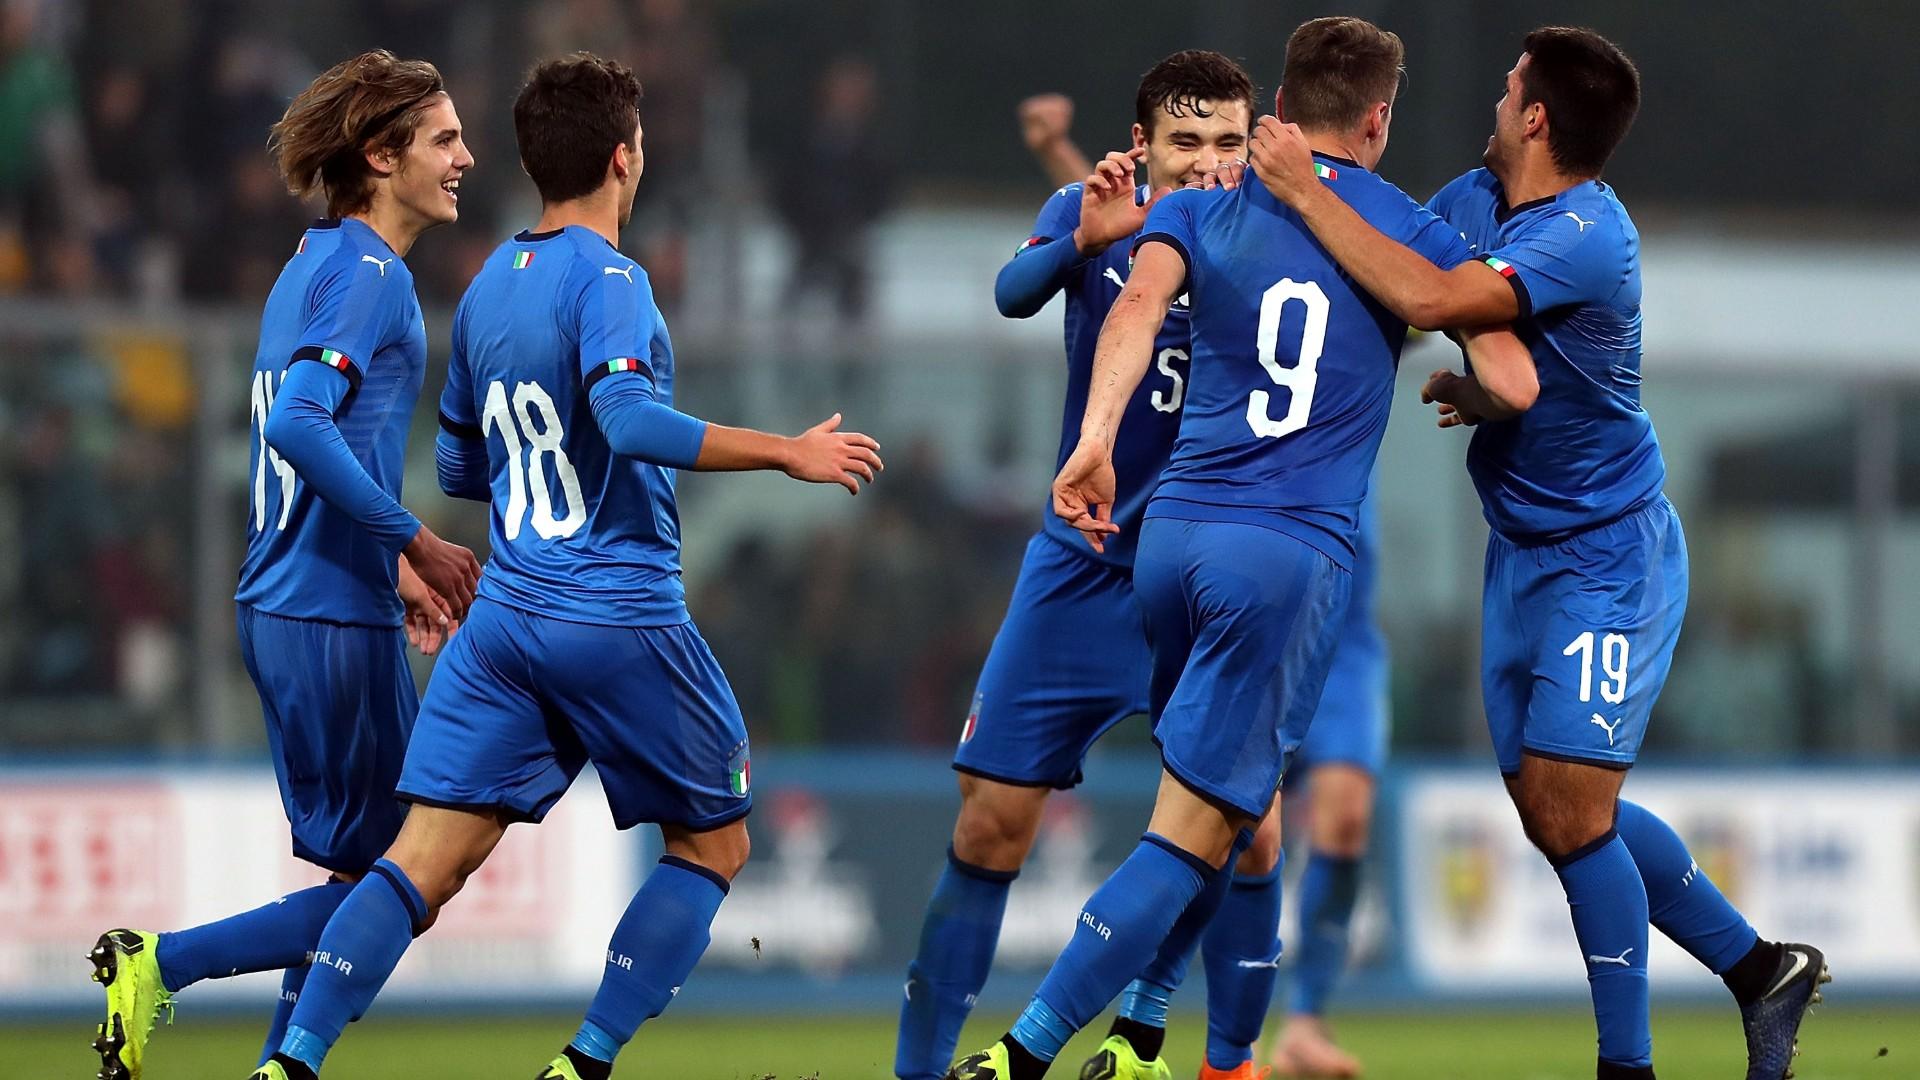 Coupe du monde U20 - L'Italie rejoint l'Ukraine en demi-finale